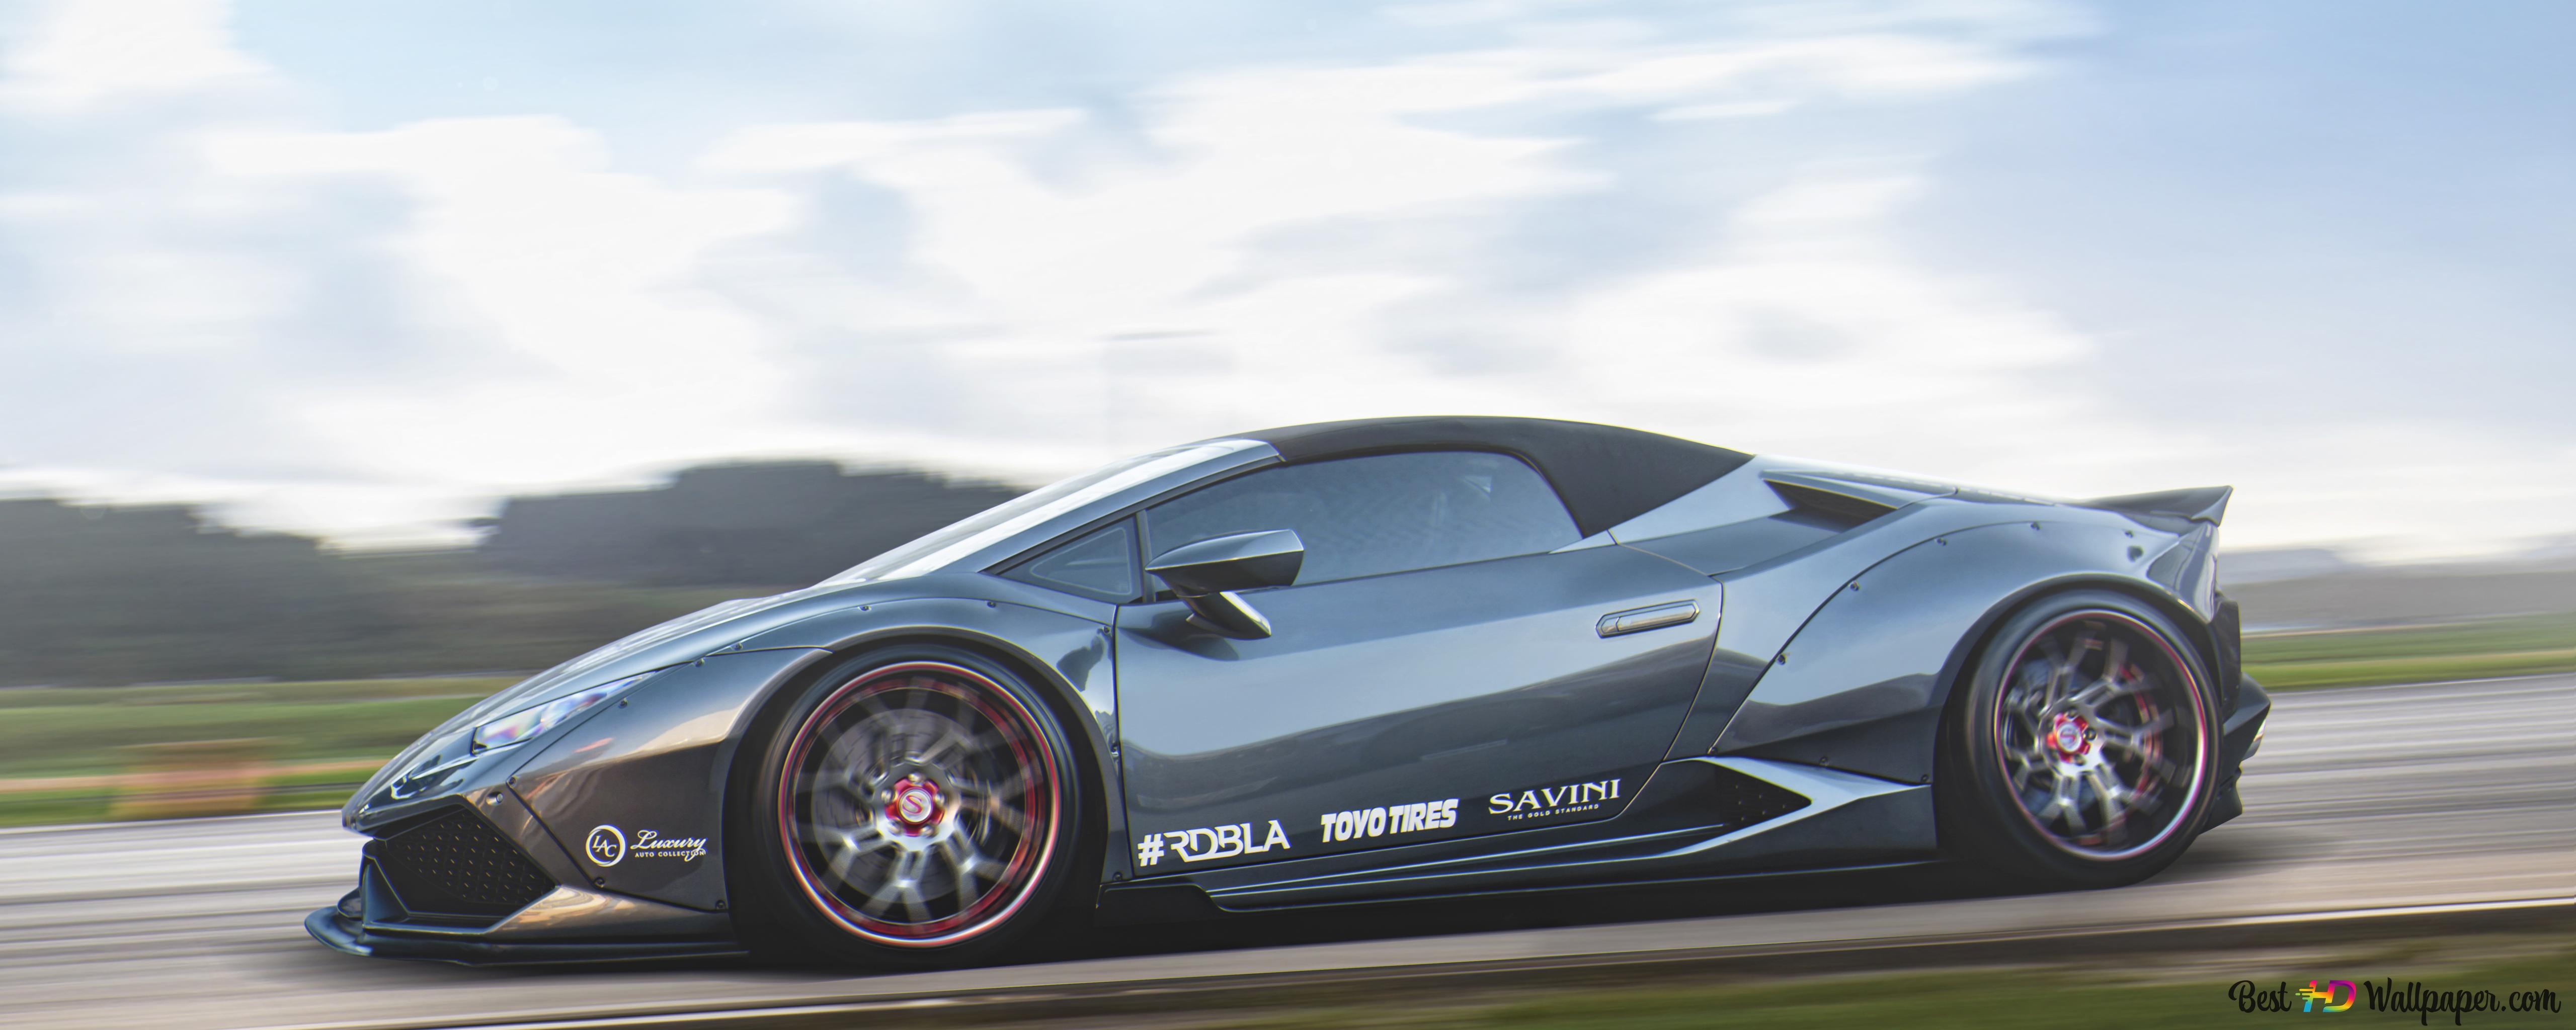 Descargar Fondo De Pantalla 5k Gris Lamborghini Huracán Hd